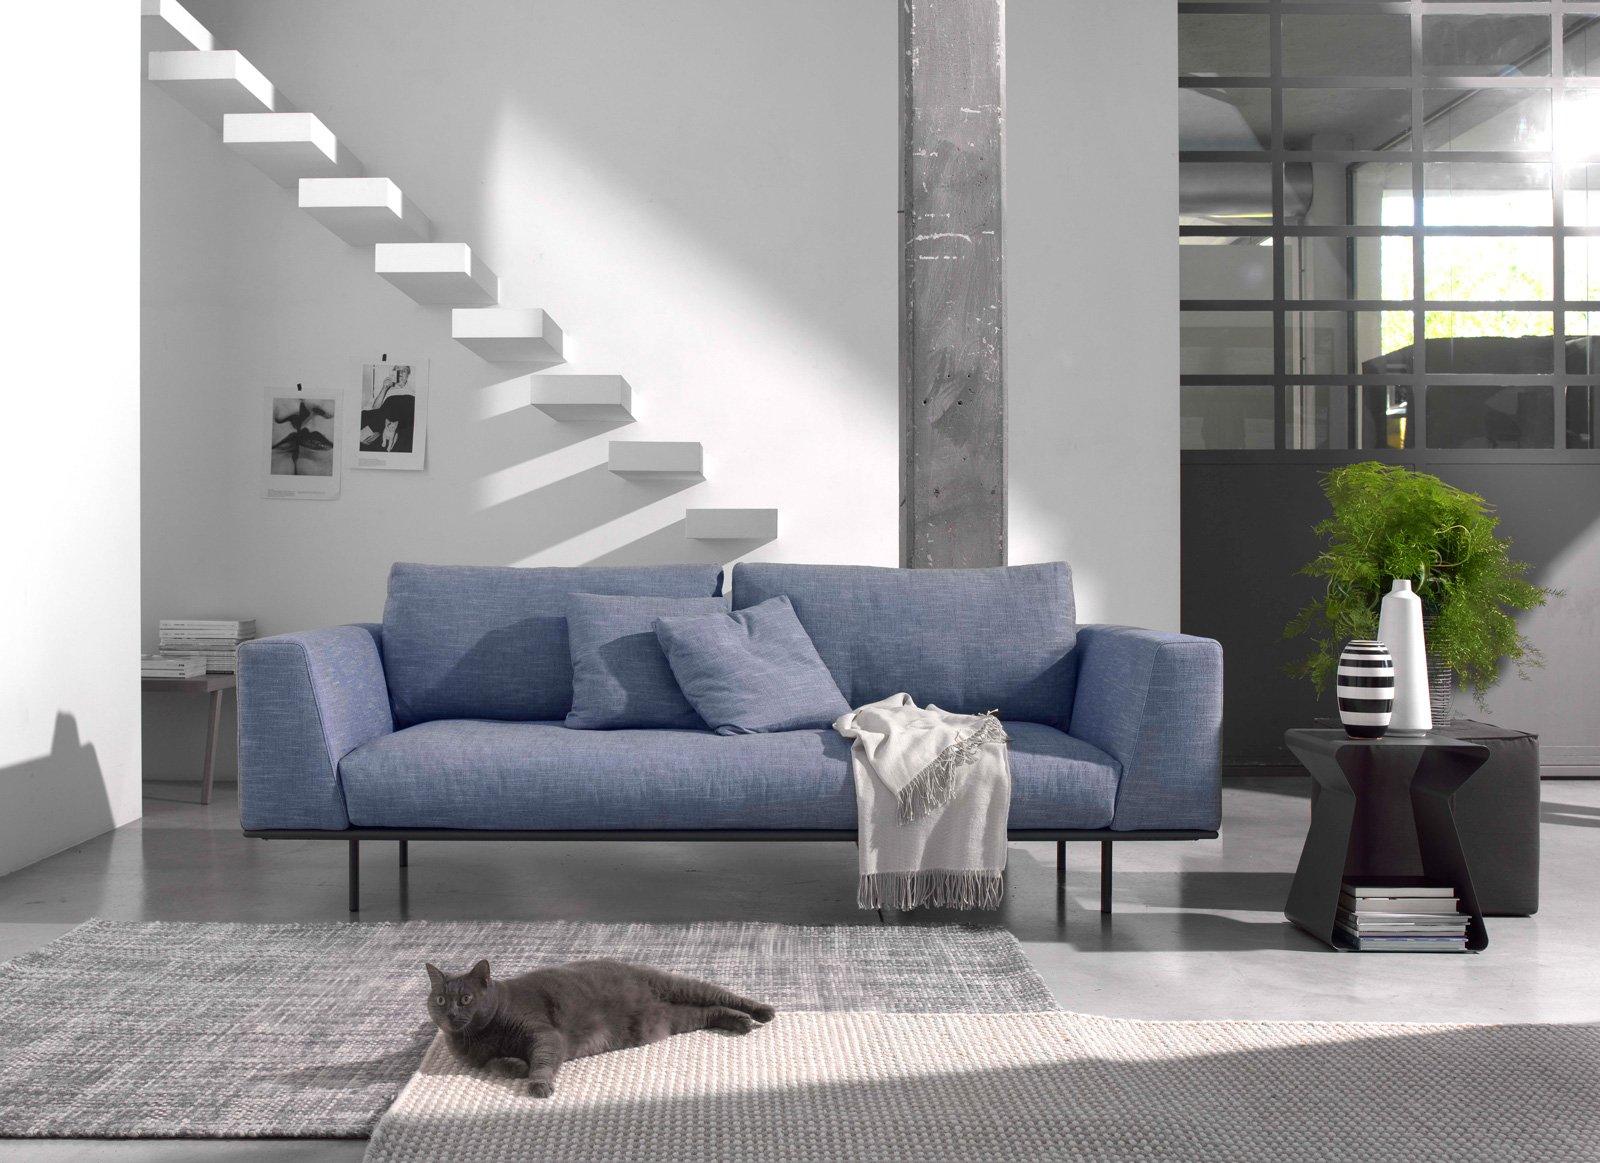 Divani piccoli a due o tre posti design per il relax cose di casa - Divano al dimensioni ...